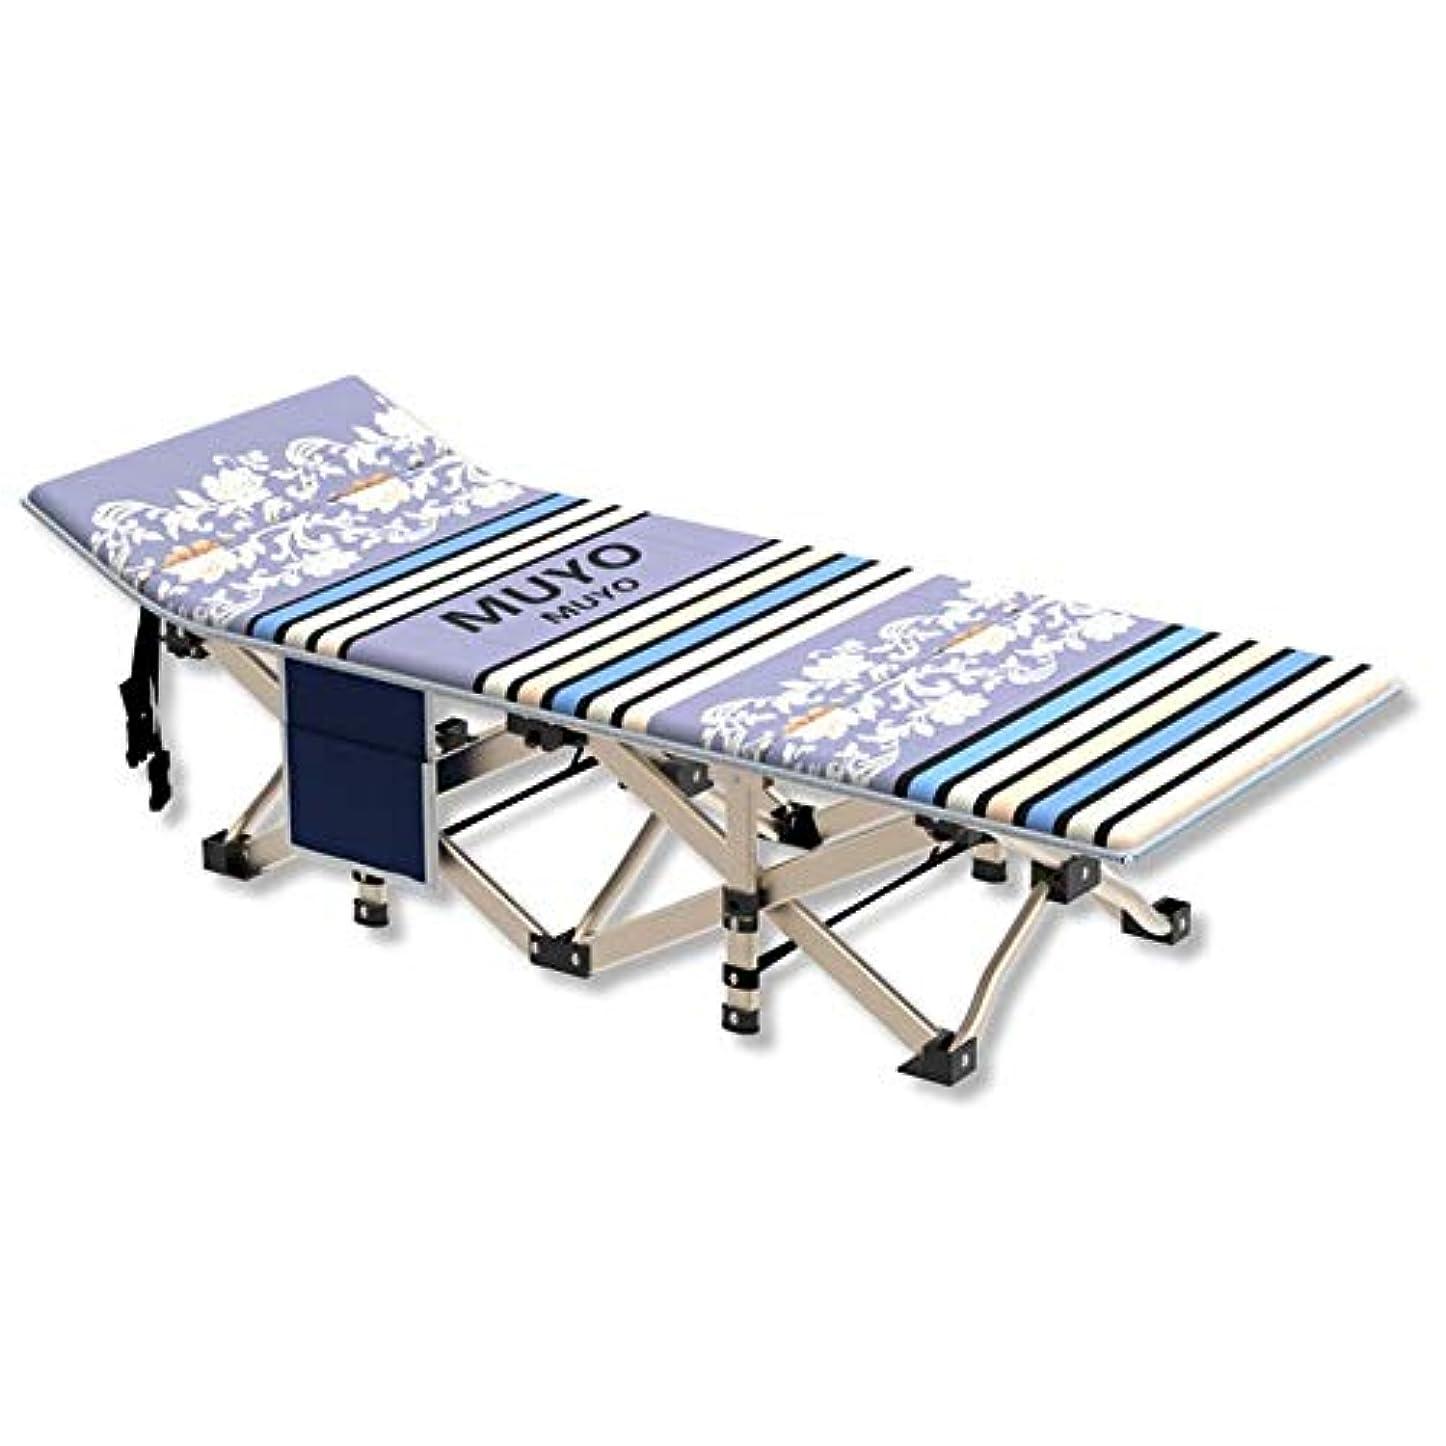 オーナーカレッジ気をつけて使いやすい 軽量ベッド折りたたみアルミキャンプベッド旅行屋外キャンプシングルキャンプポータブルホームオフィス屋外休憩所折りたたみ式ベッド (色 : 青, サイズ : 186*71*35cm)